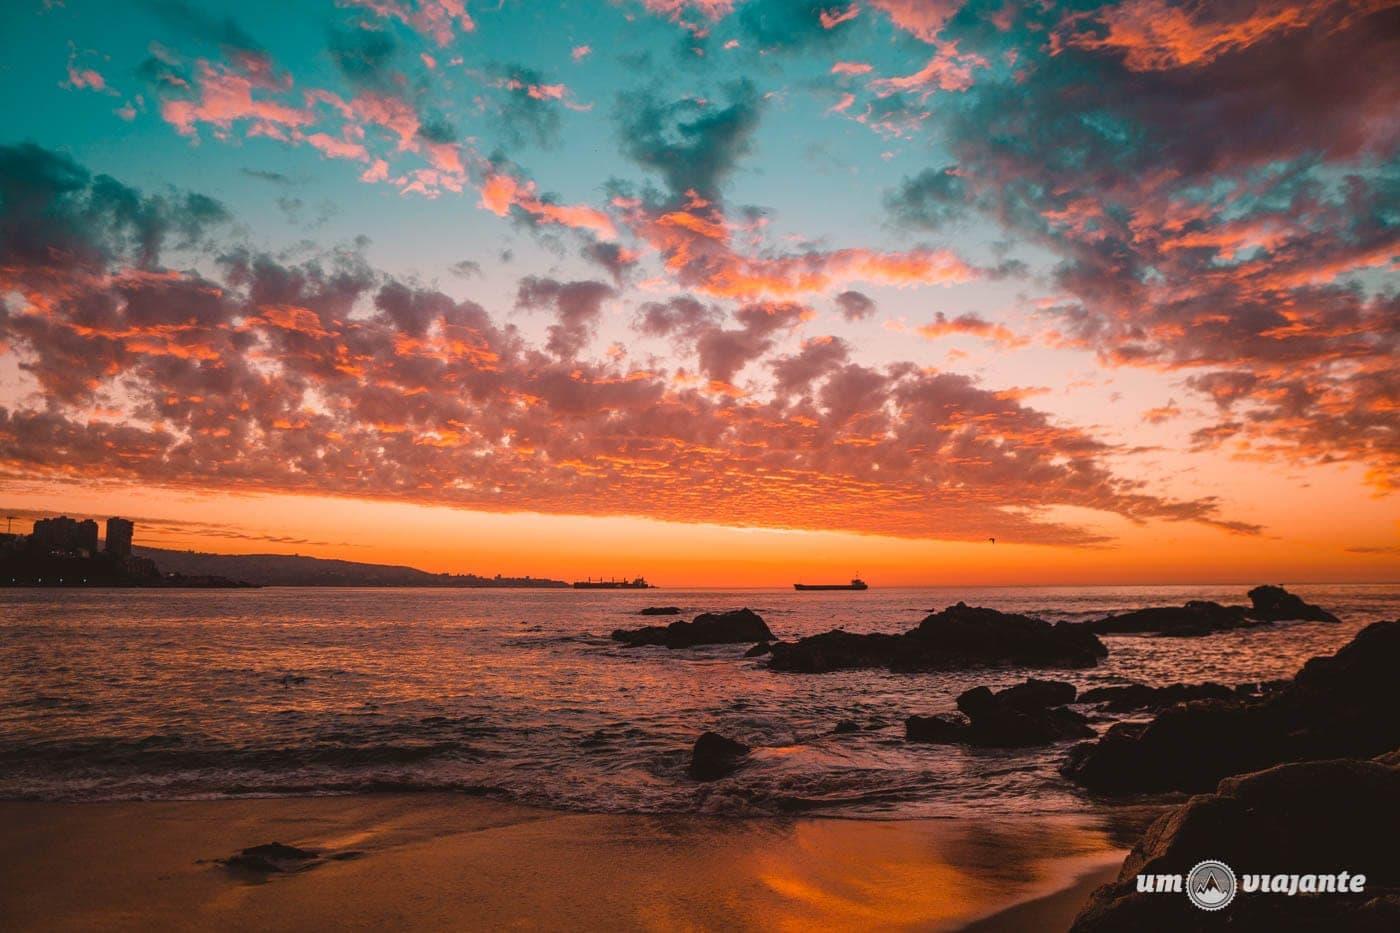 Pôr do sol em Viña del Mar, Chile